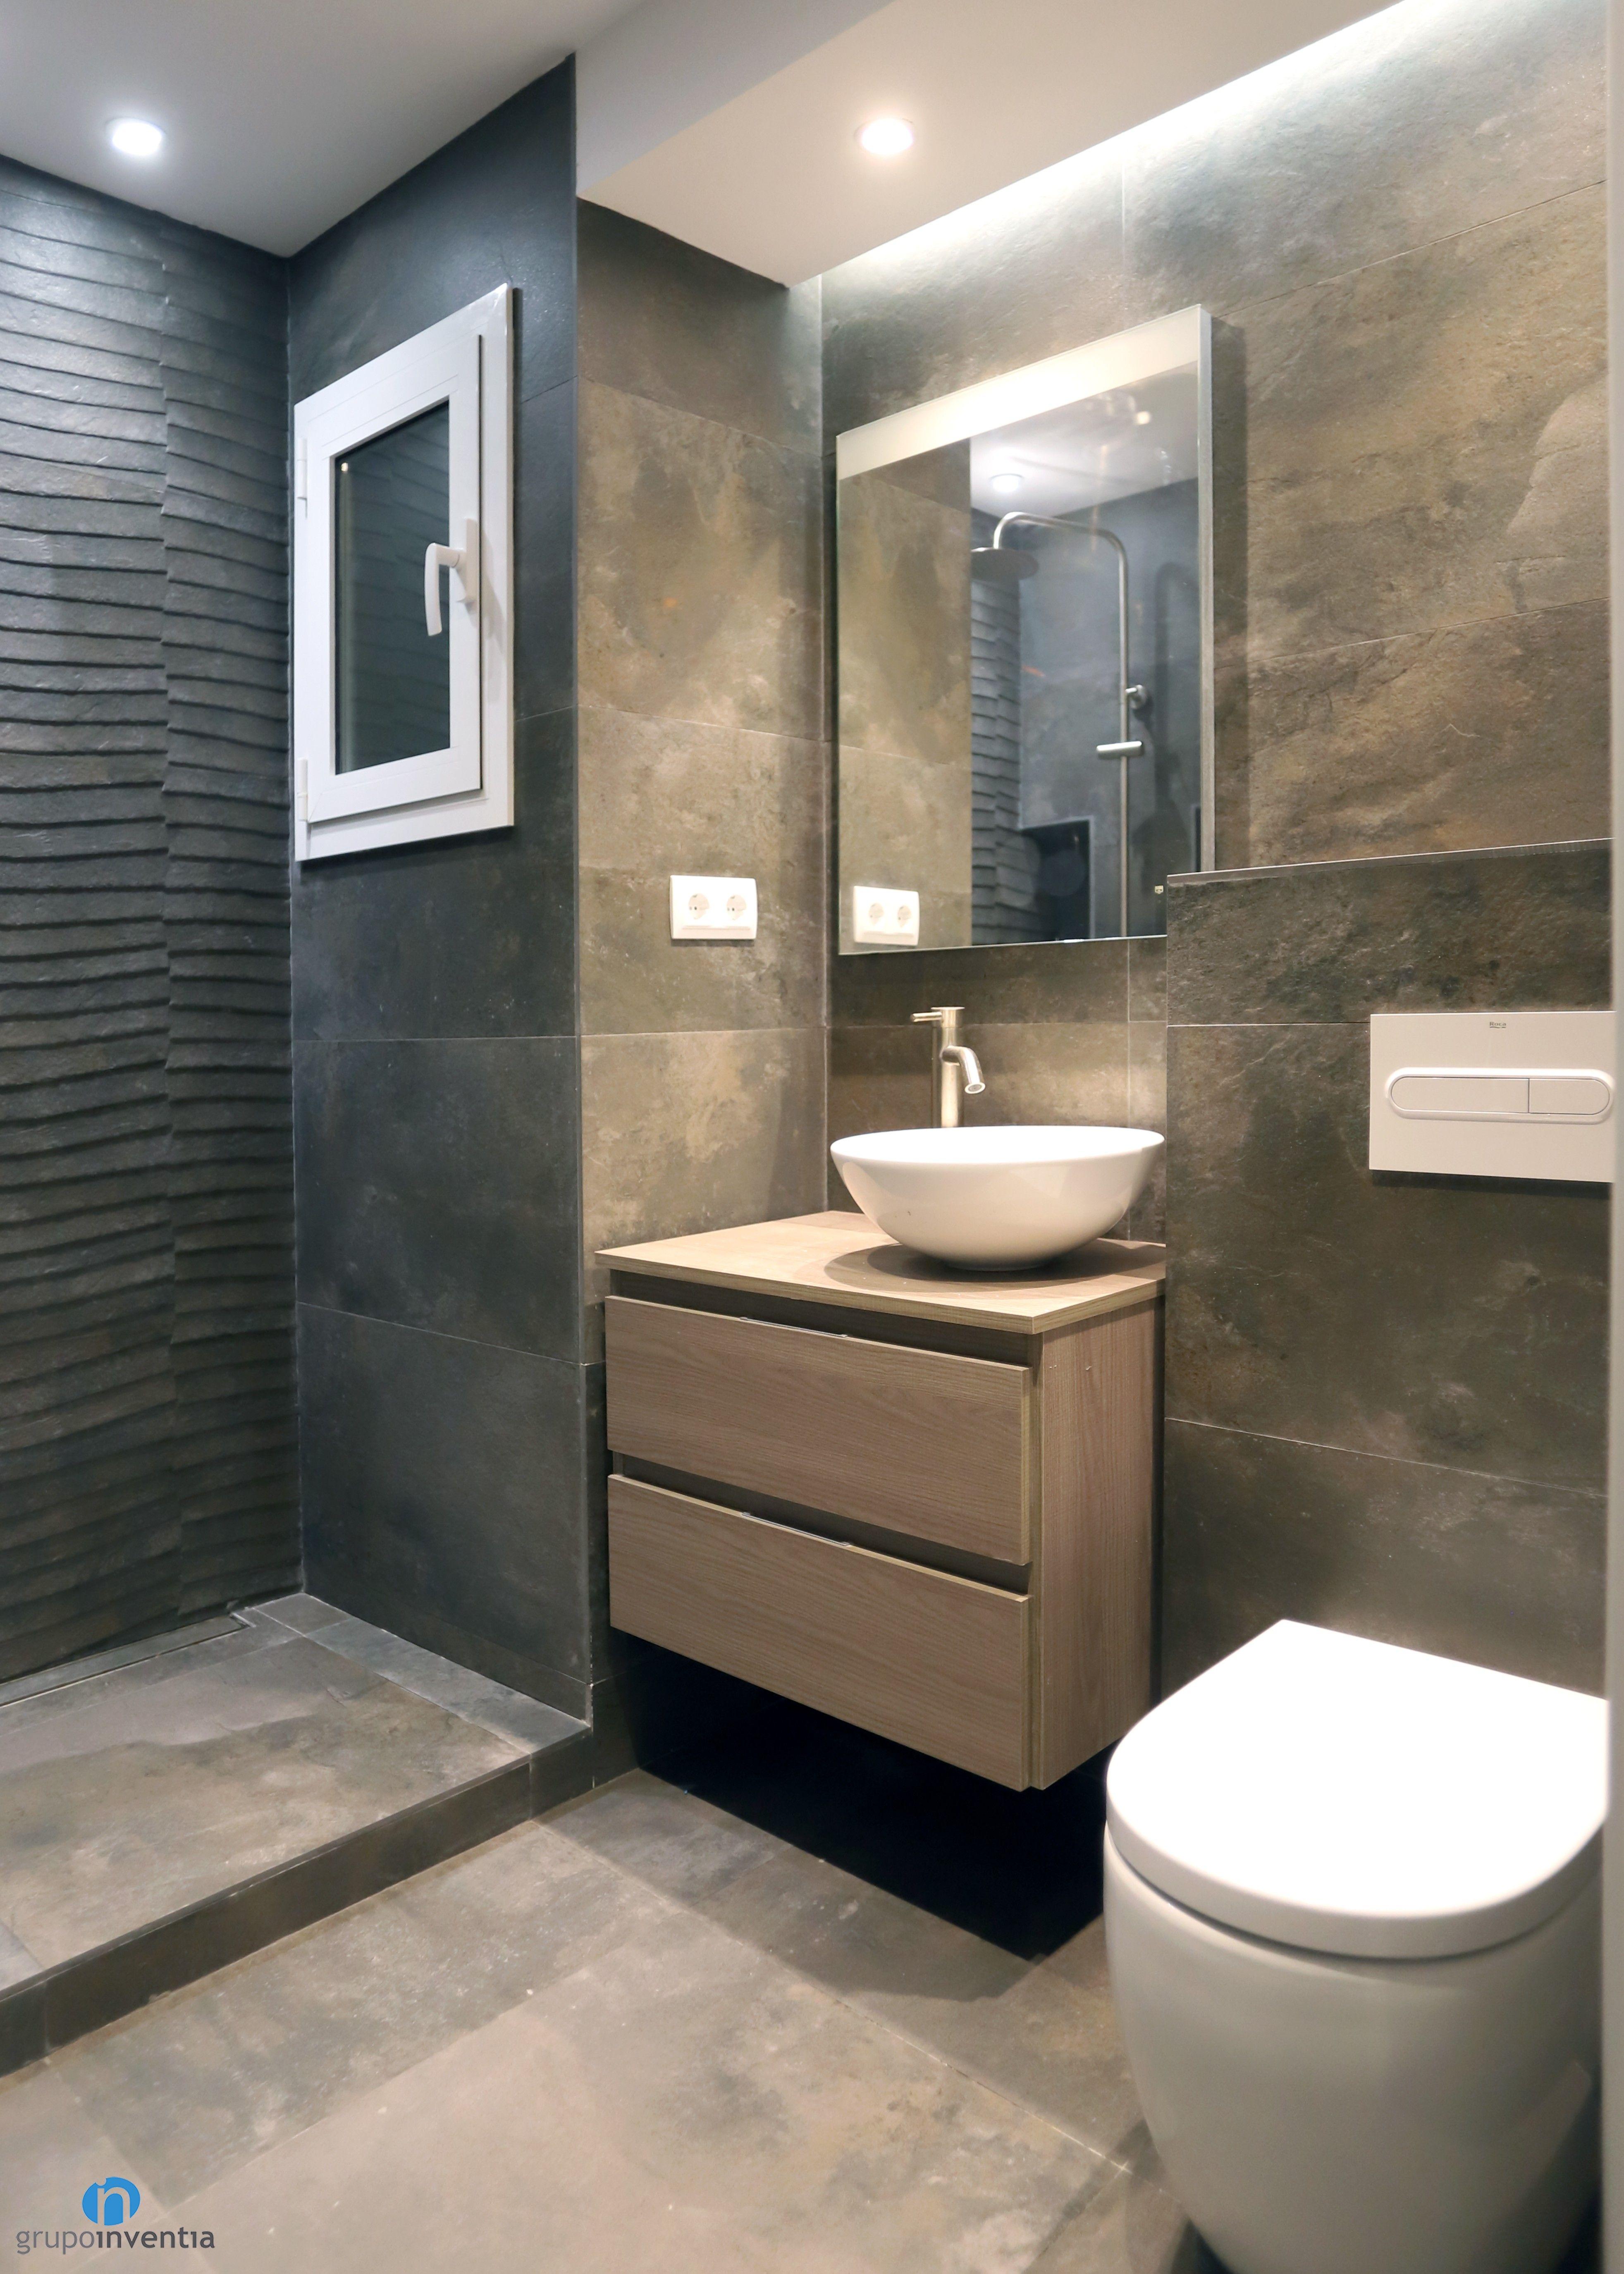 En cuarto de baño cuenta con un lavabo, inodoro y ducha.Un ...